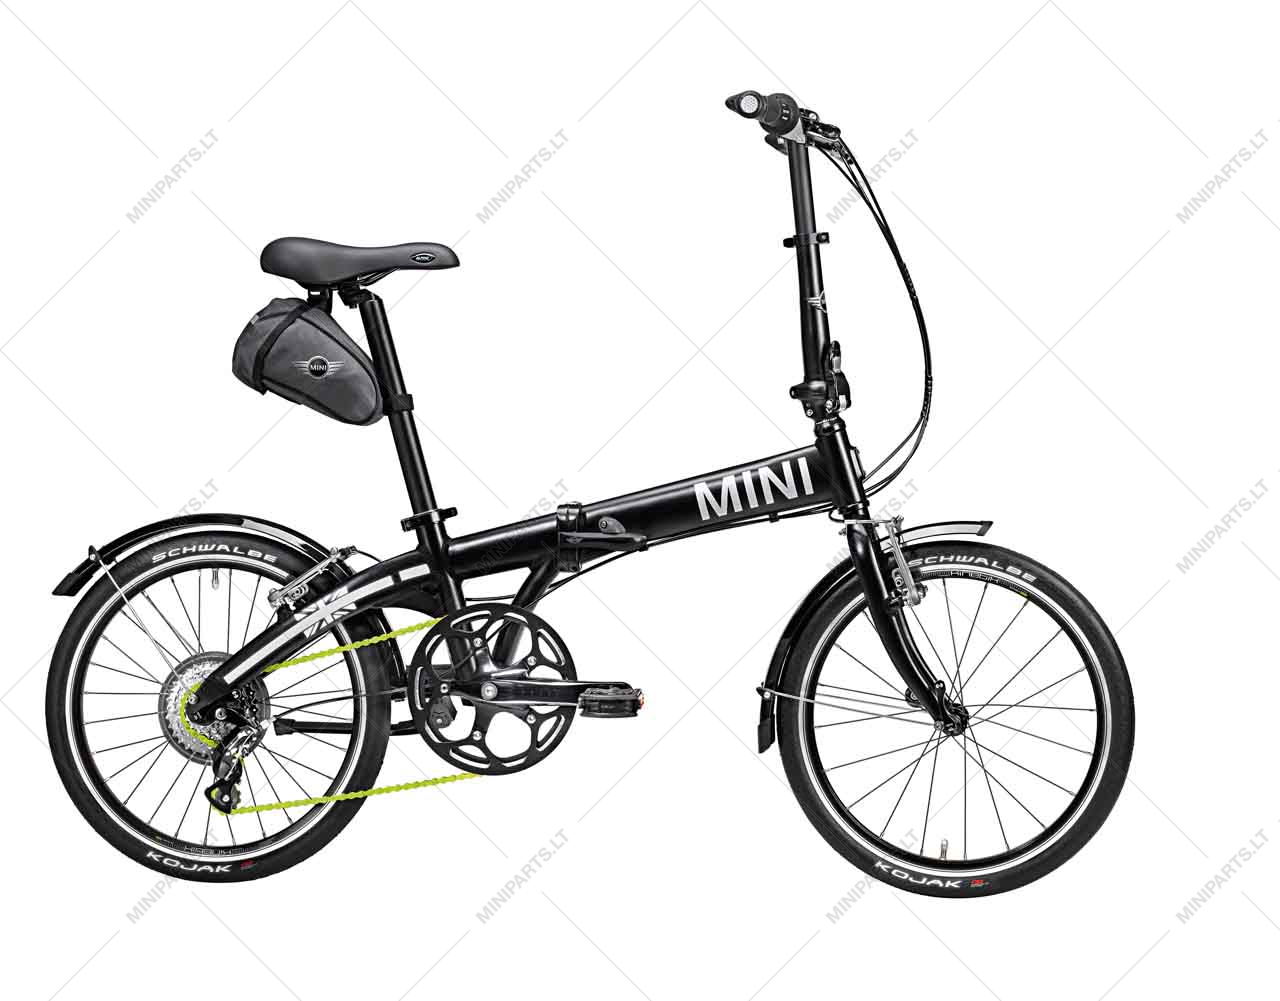 Mini Folding Bike 80912211854 Mini Spare Parts